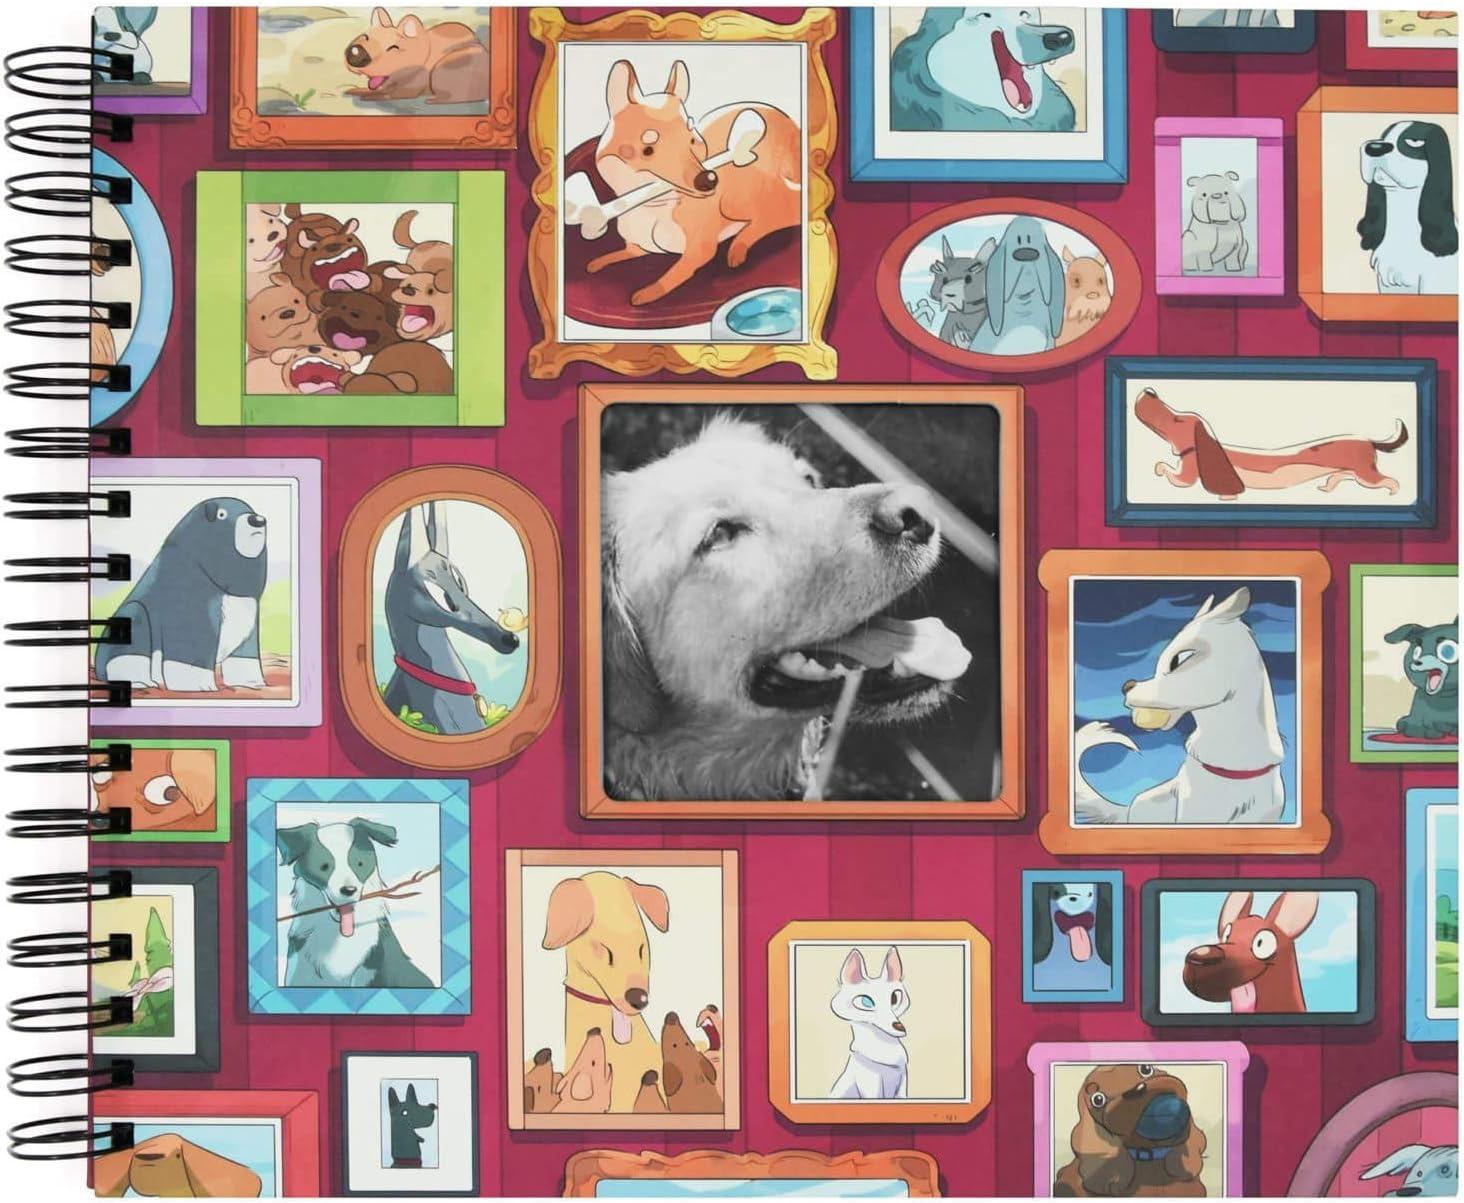 Recuerding - Álbum de Fotos Mascotas, para Perros, 50 Páginas (27×24 cm) | Pegar y Escribir, Personalizable, Autoadhesivo, Original, con Hojas Negras, Anillas y Tapa Dura, Producto Solidario